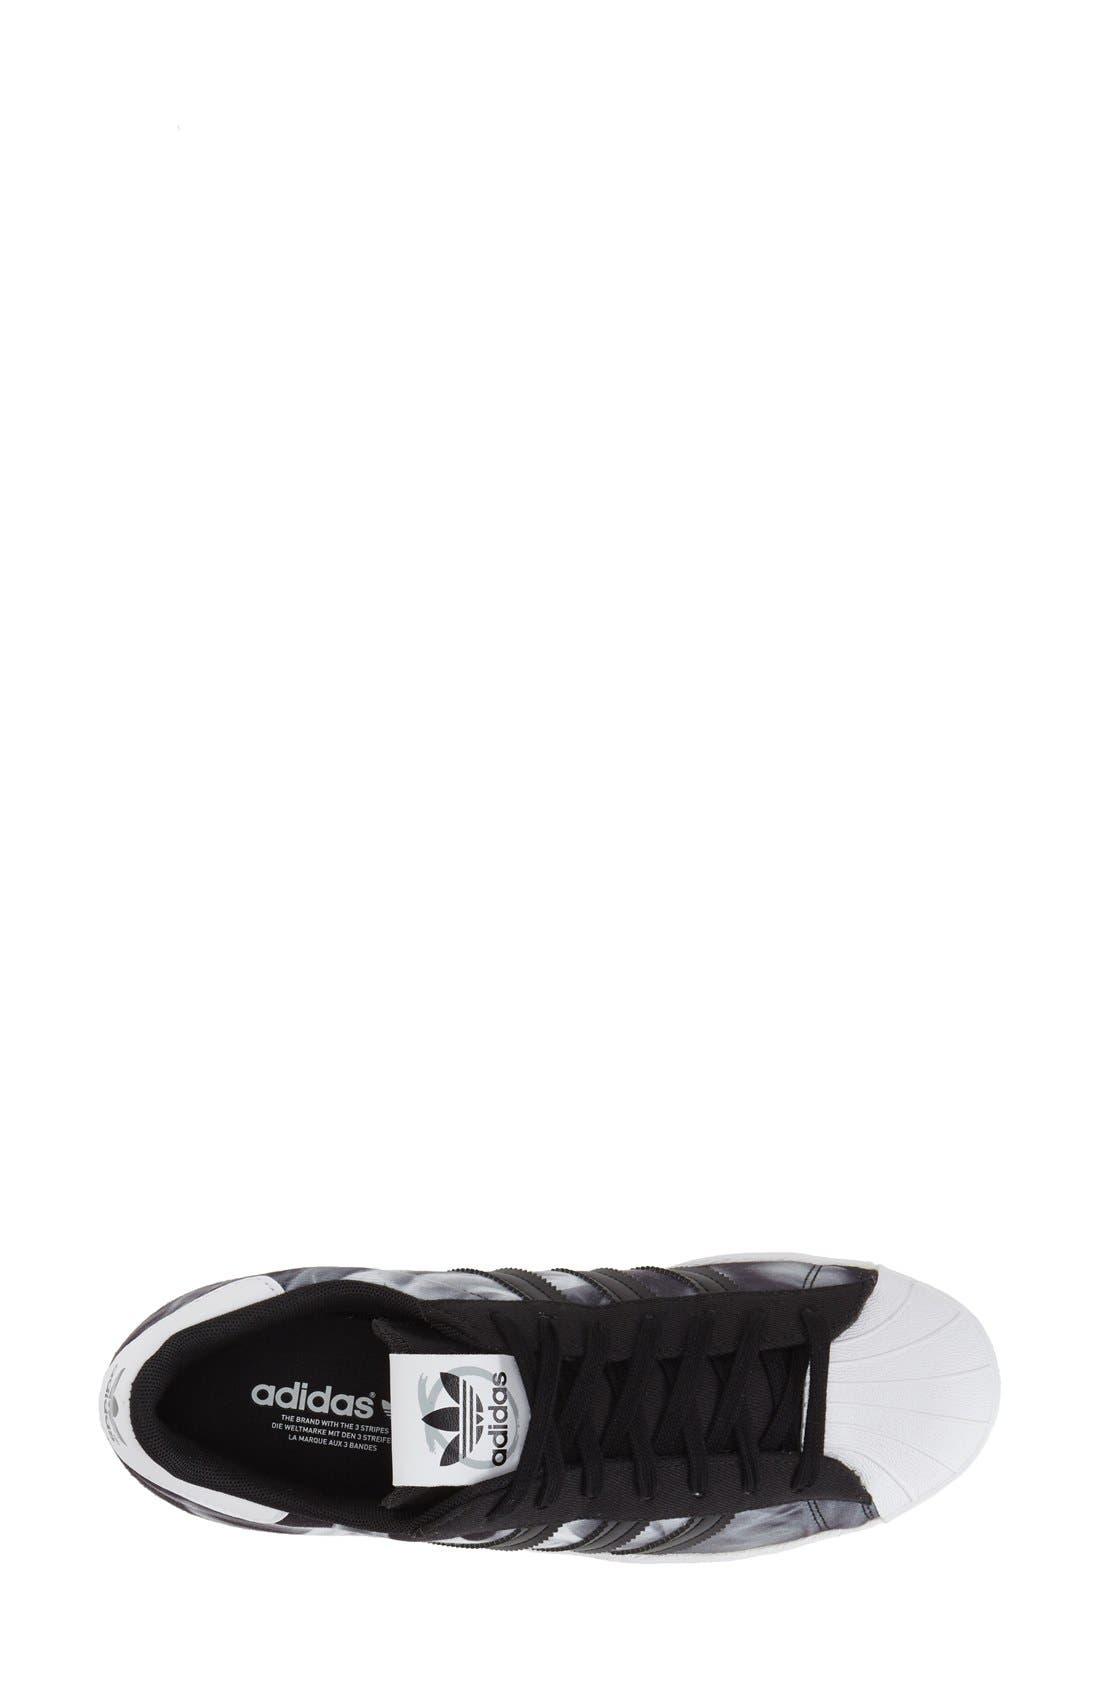 Alternate Image 3  - adidas 'Superstar 80 - Rita Ora' Sneaker (Women)